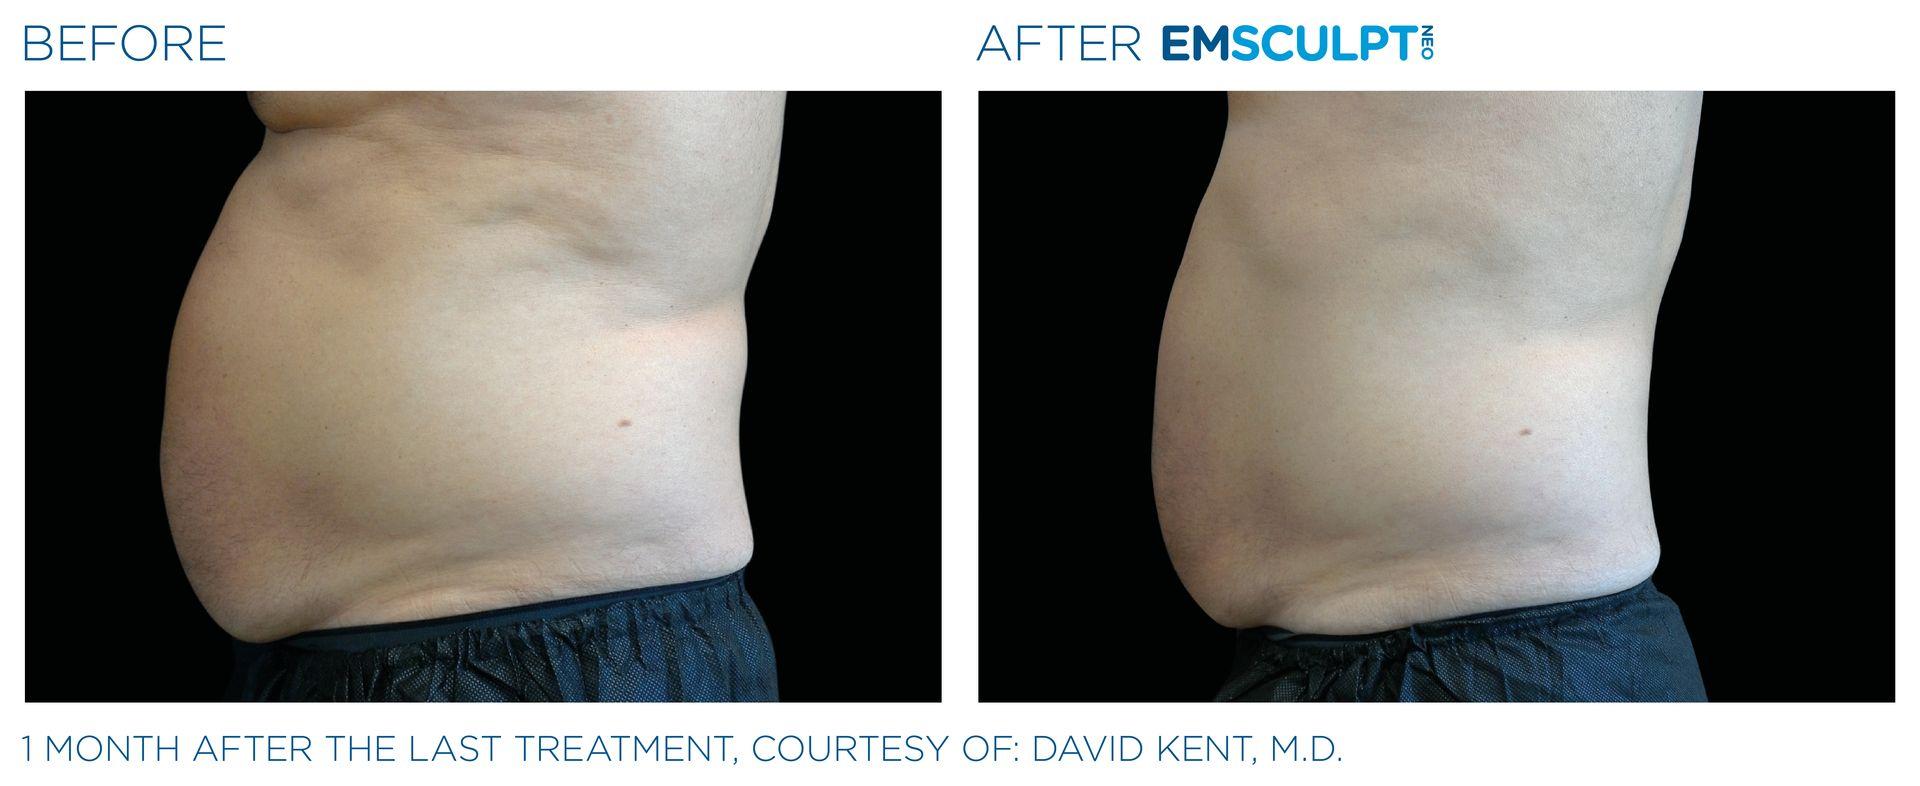 Emsculpt_neo_PIC_Ba-card-male-abdomen-002